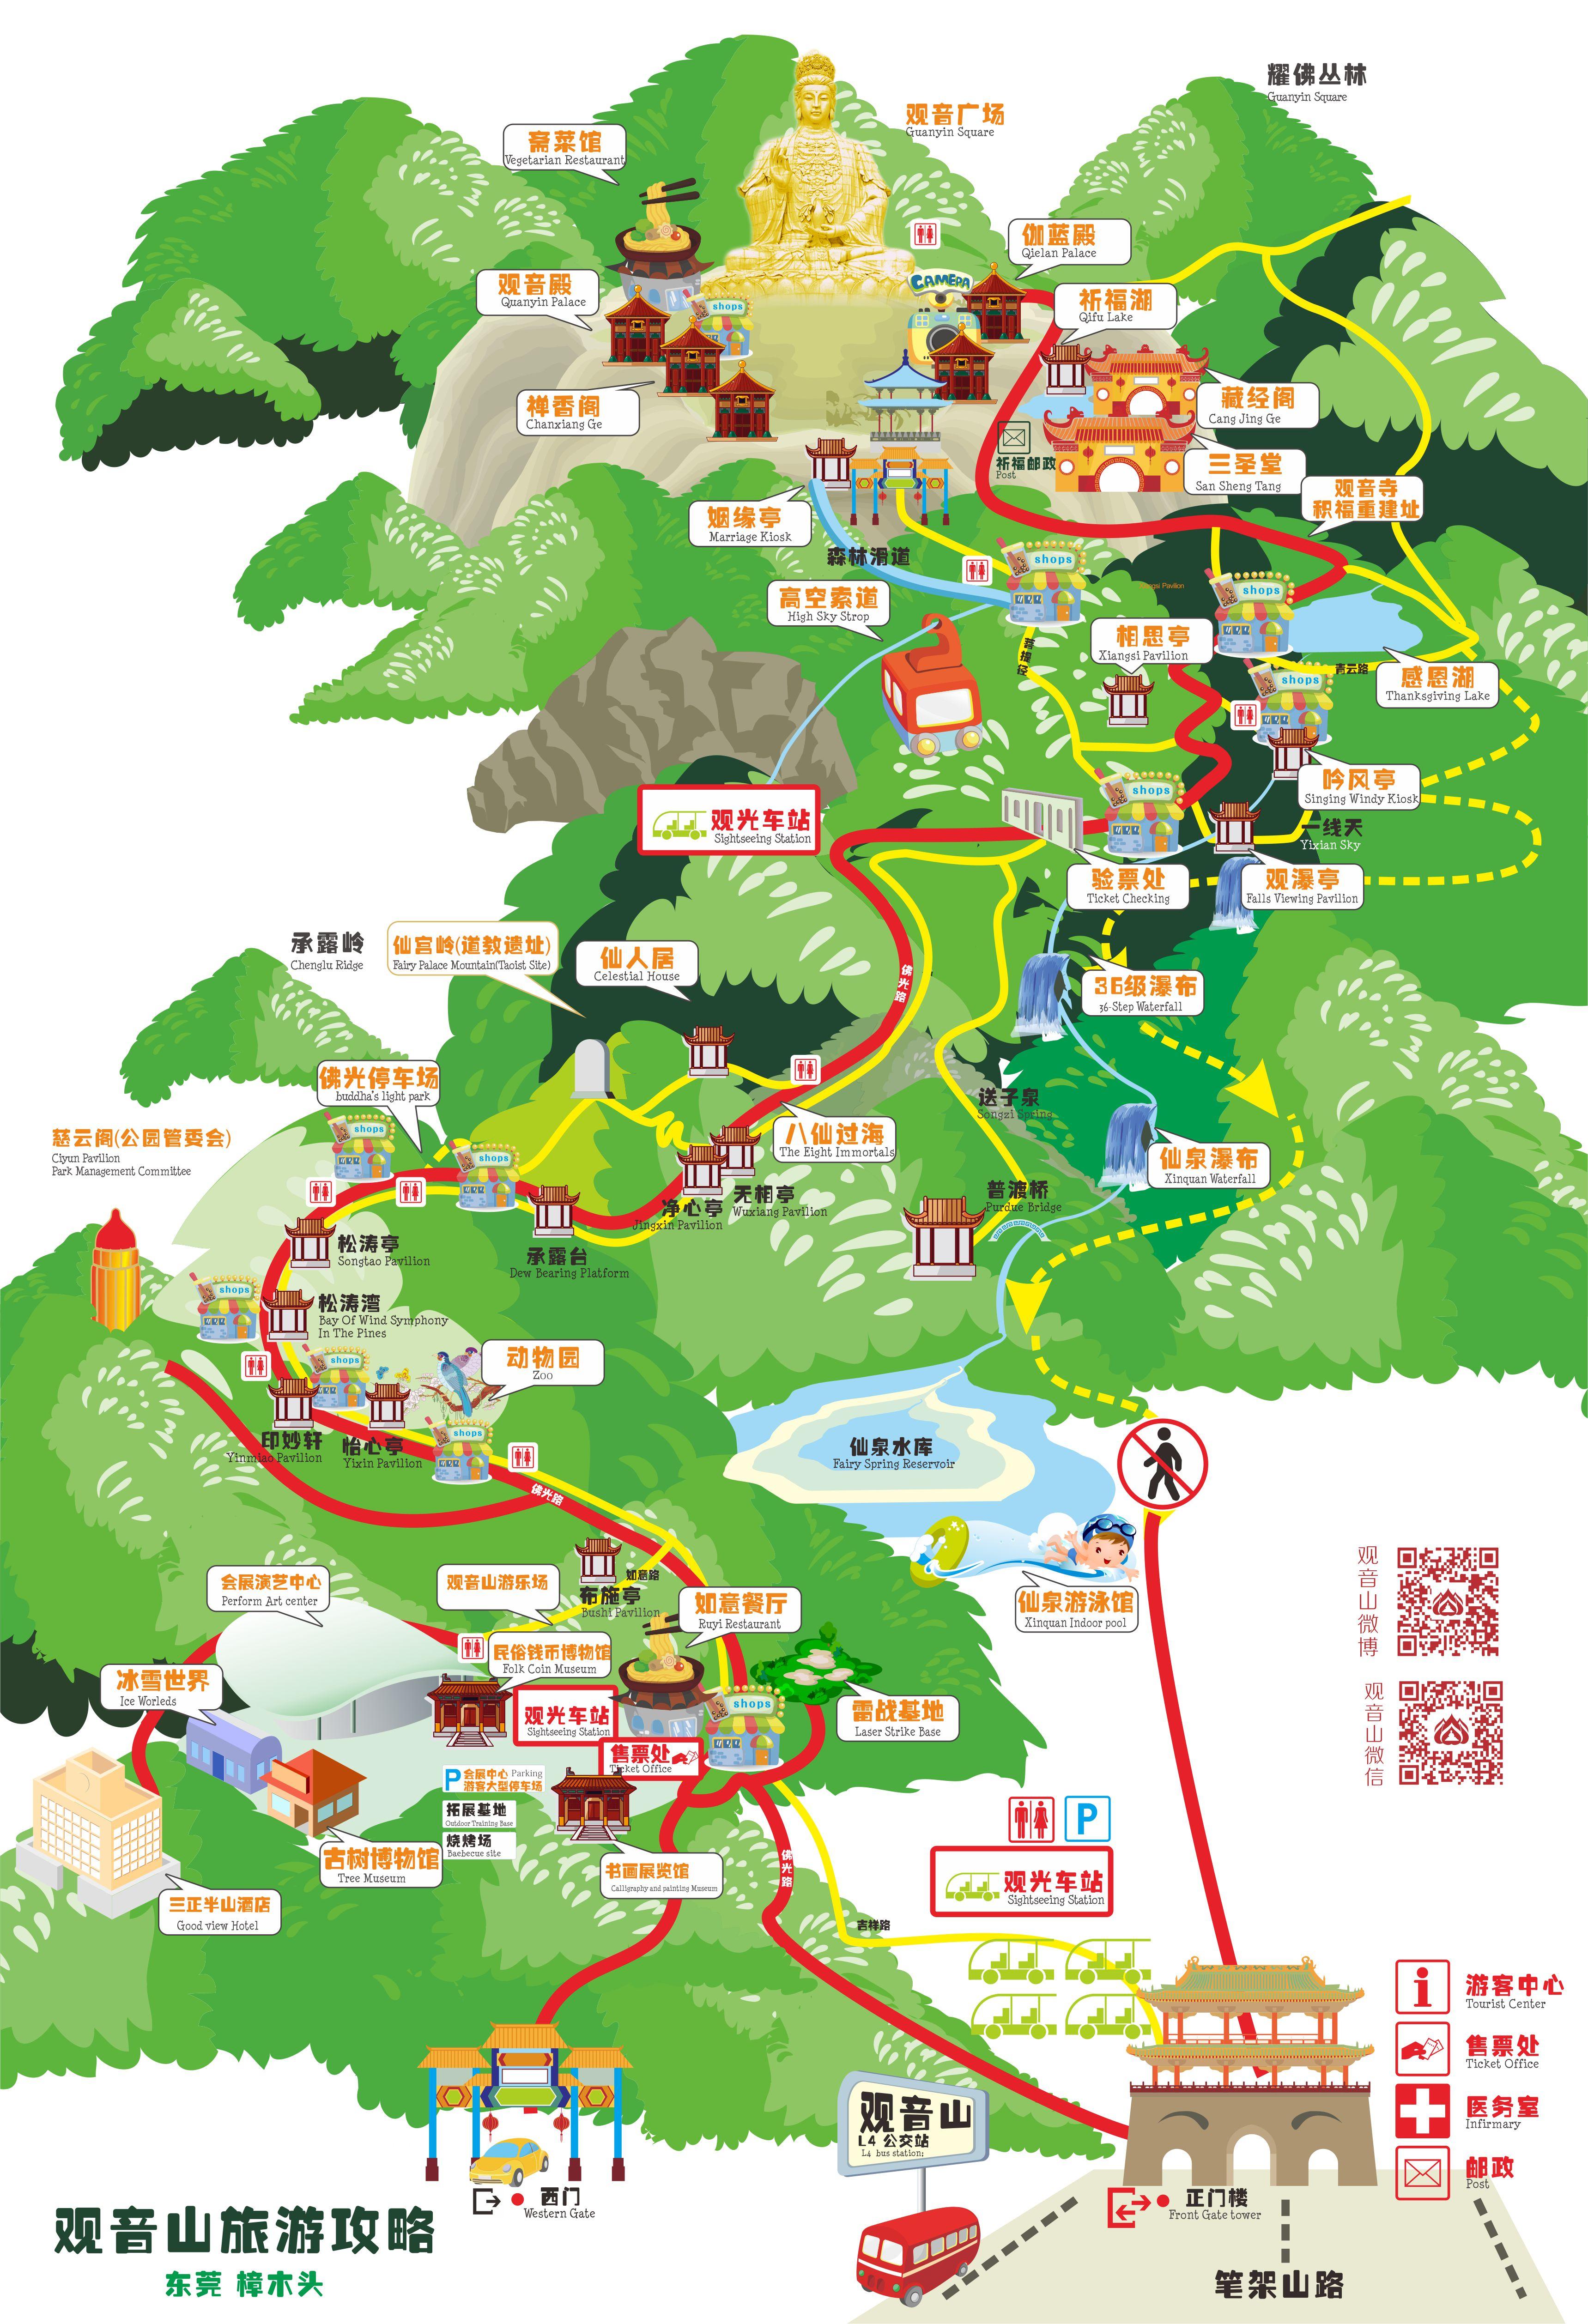 景区地图-旅行工具-广东观音山国家森林公园